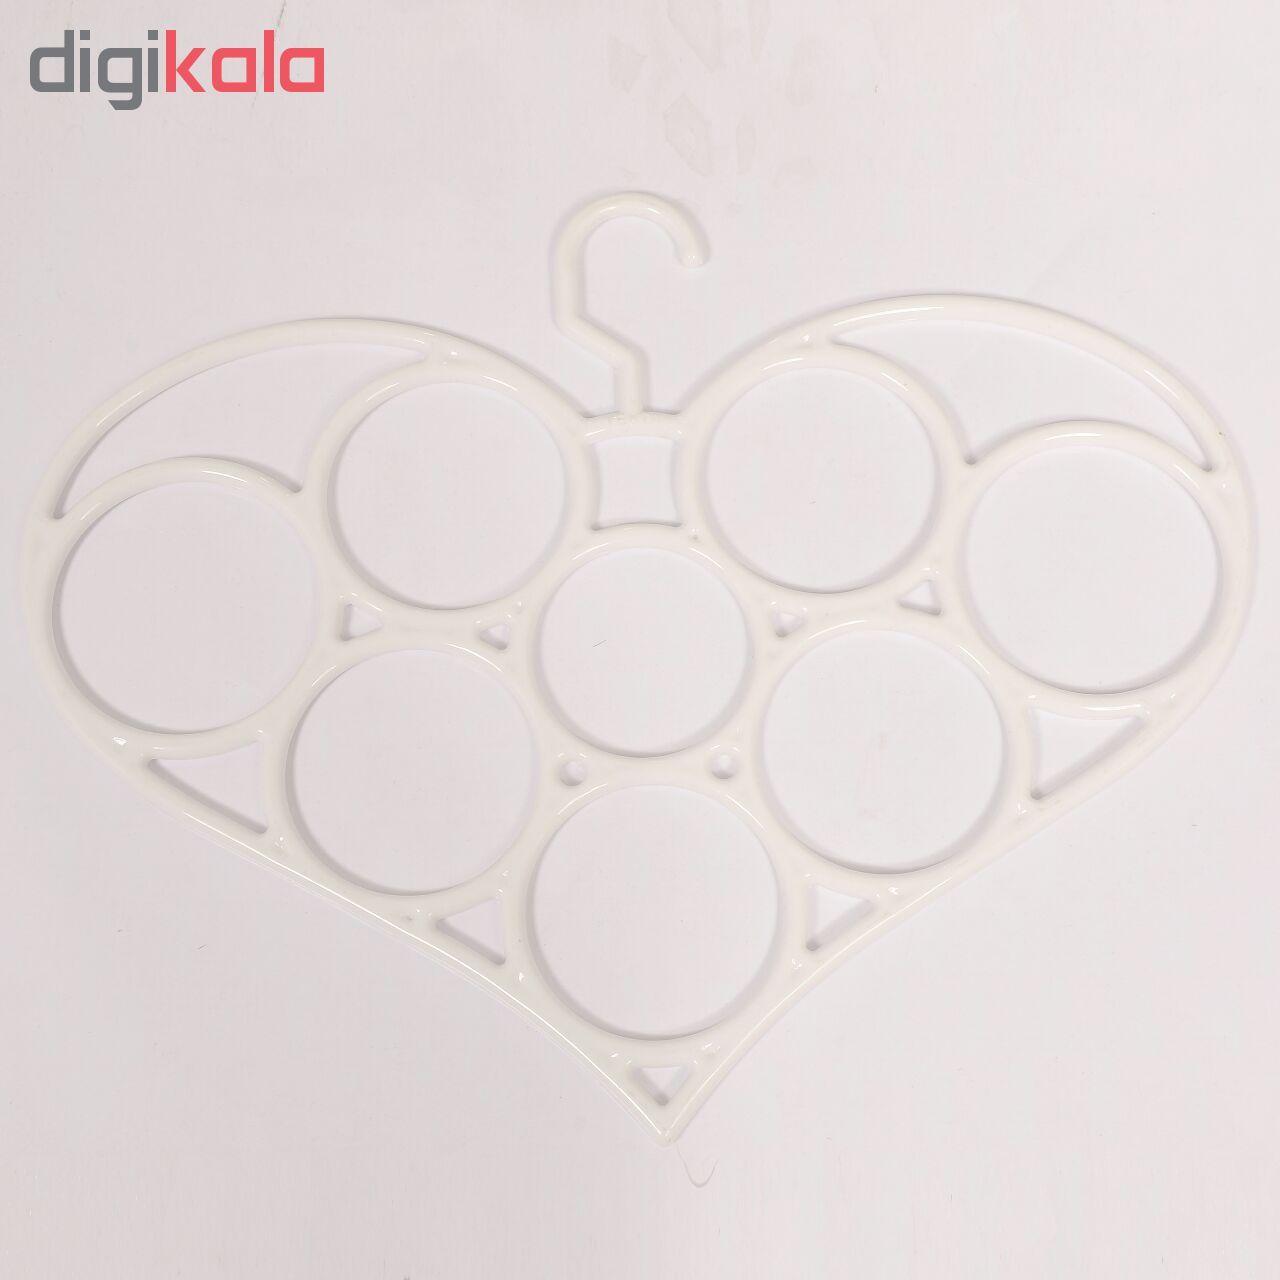 آویز شال و روسری طرح قلب مدل یکتا main 1 2